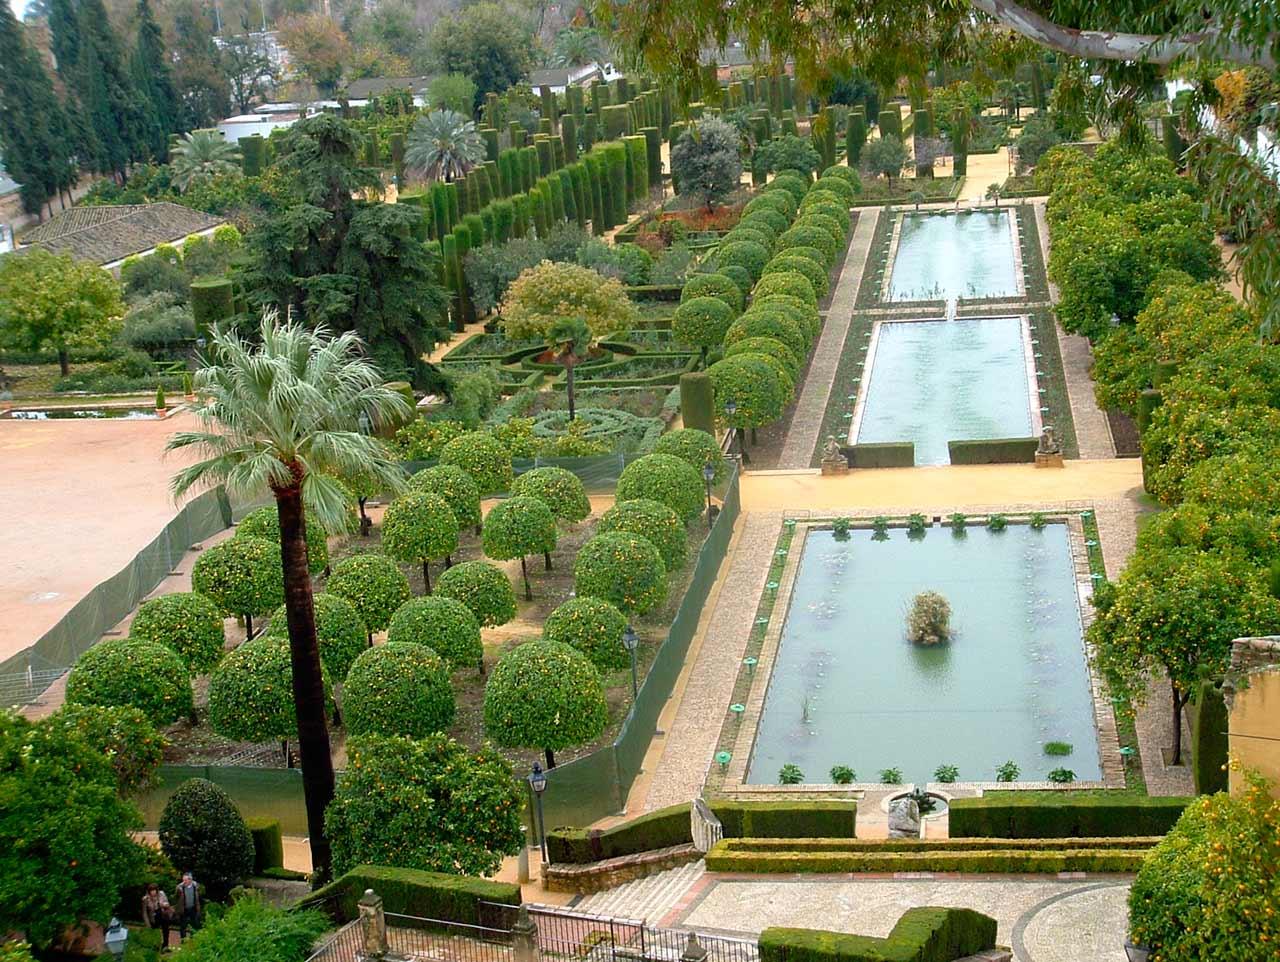 Alc zar de los reyes cristianos virtimeplace - Jardines verticales sevilla ...